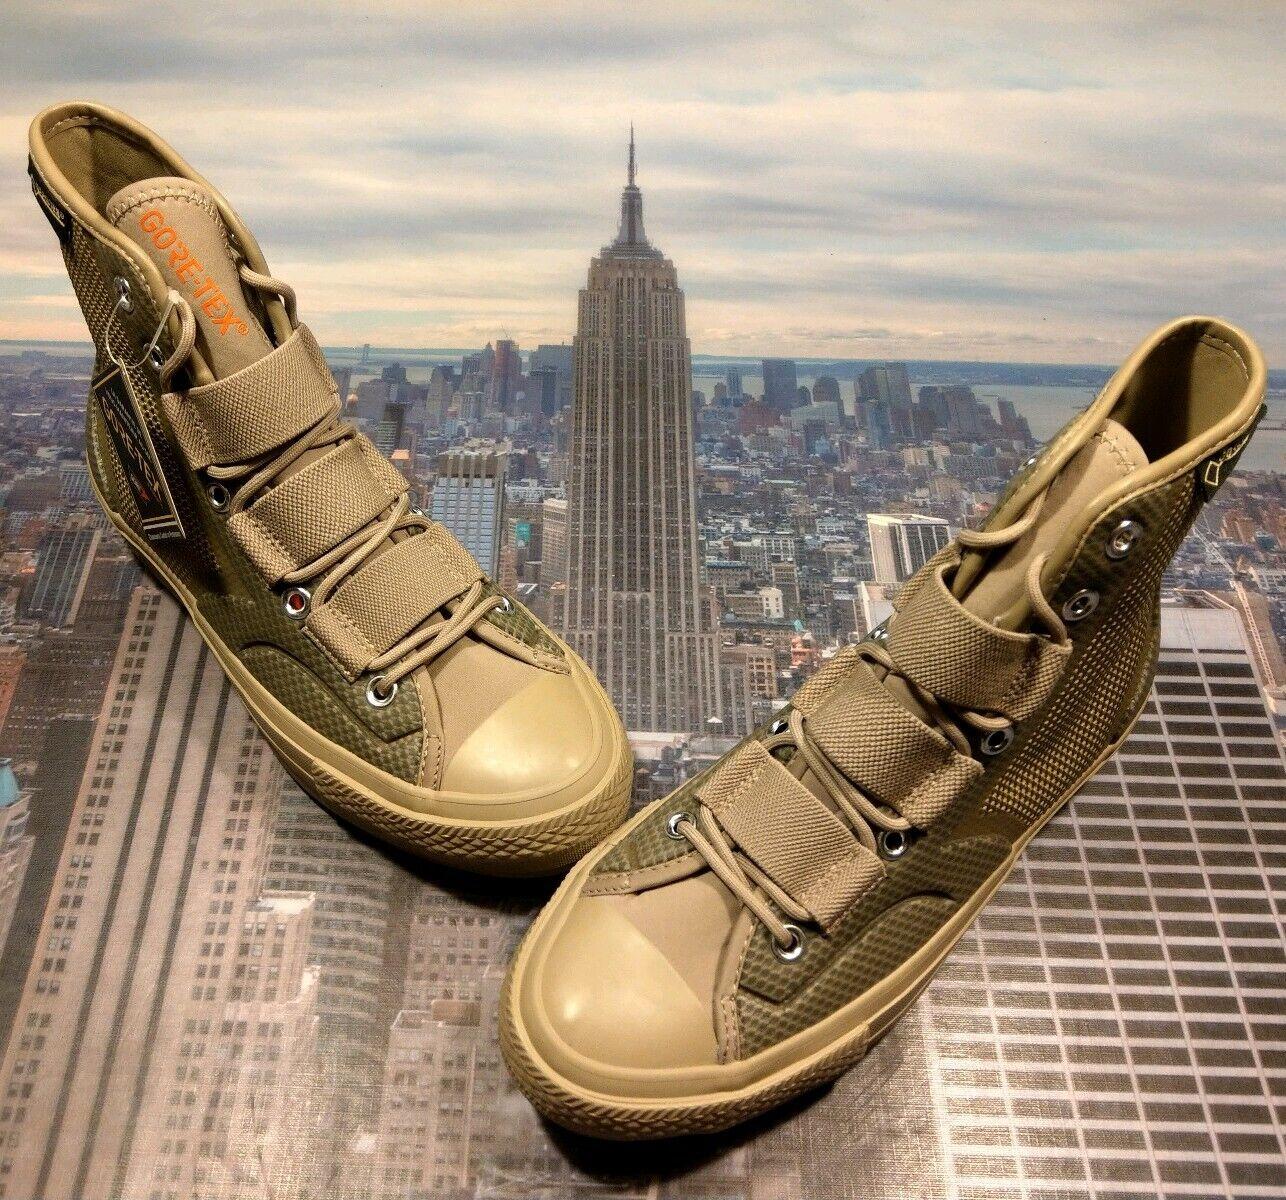 Conversazione Chuck Taylor All Star 70 Hiker Utility Gore -Tex  Mens Dimensione 6.5 160319c  marchio famoso